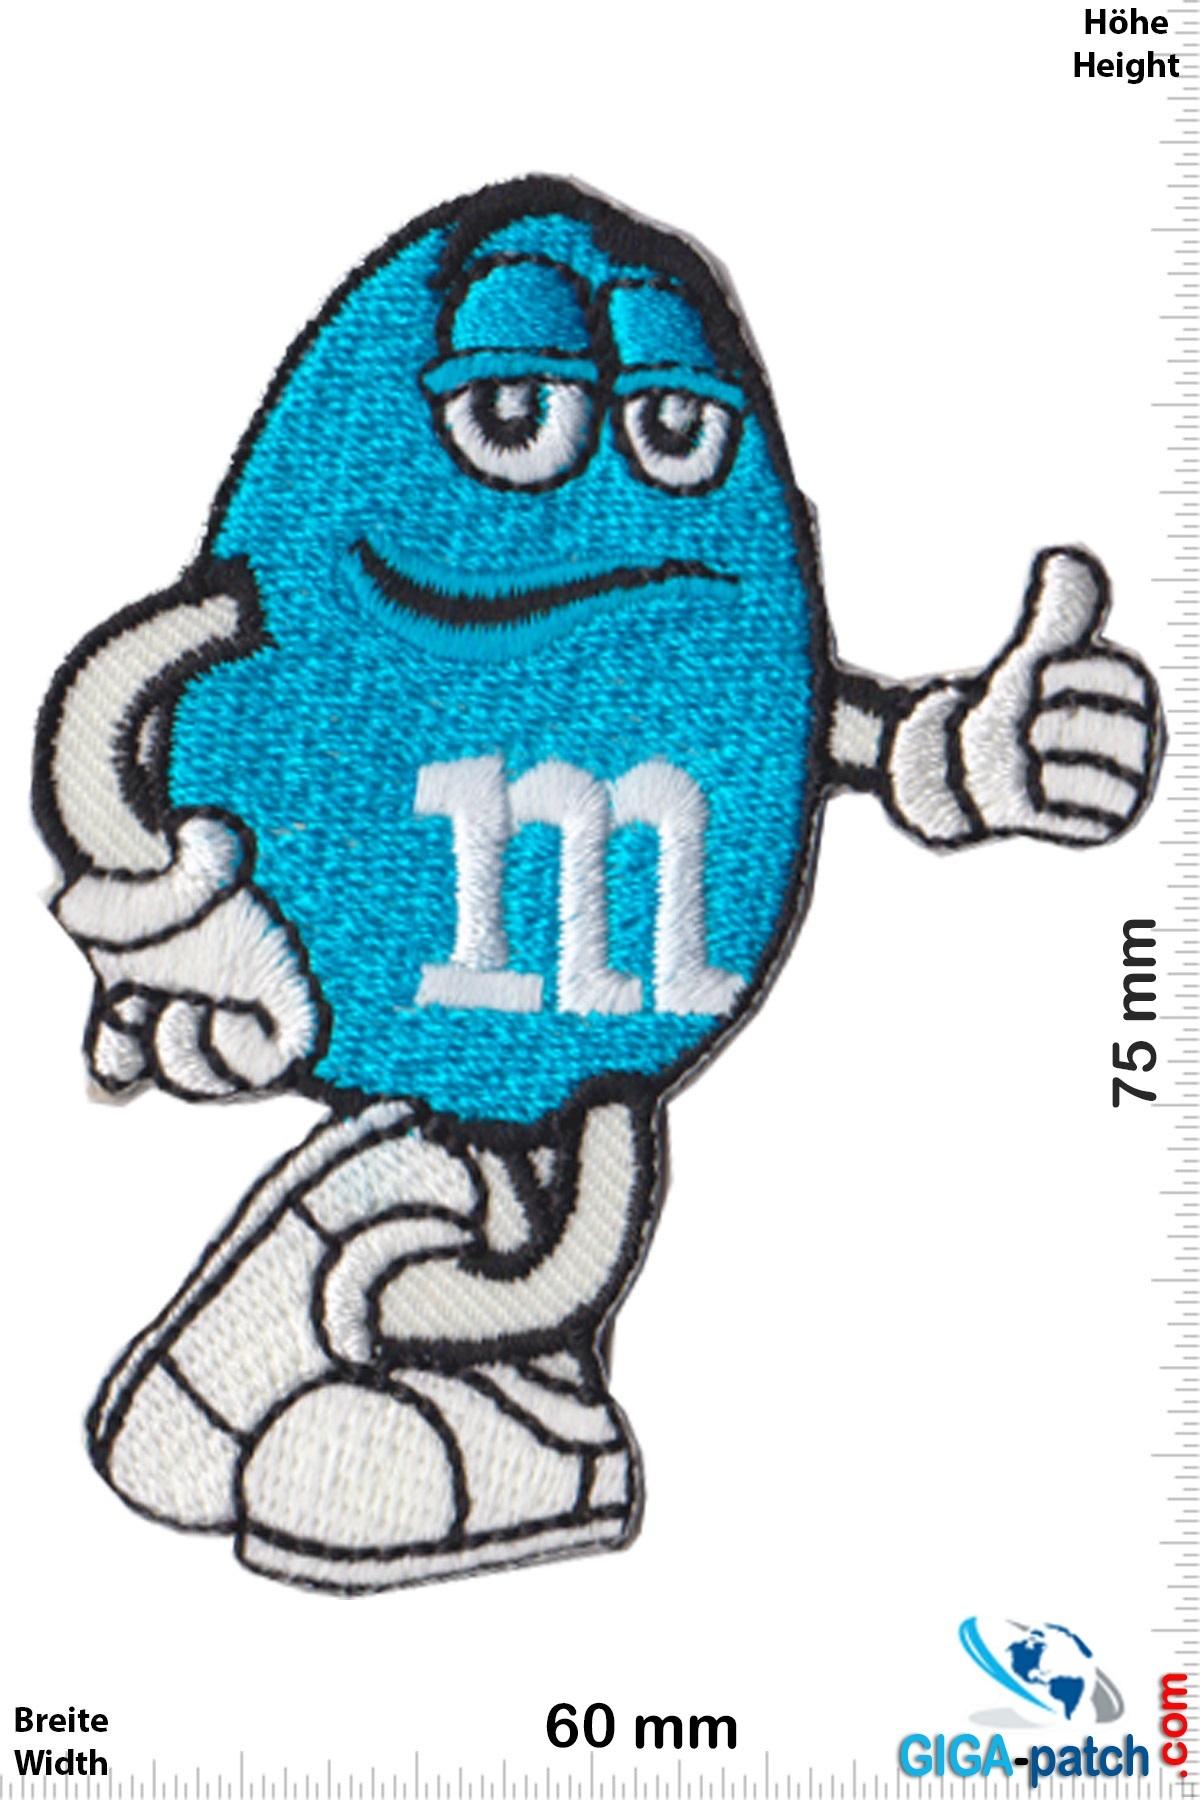 M&M's - blue - Mars & Murrie's